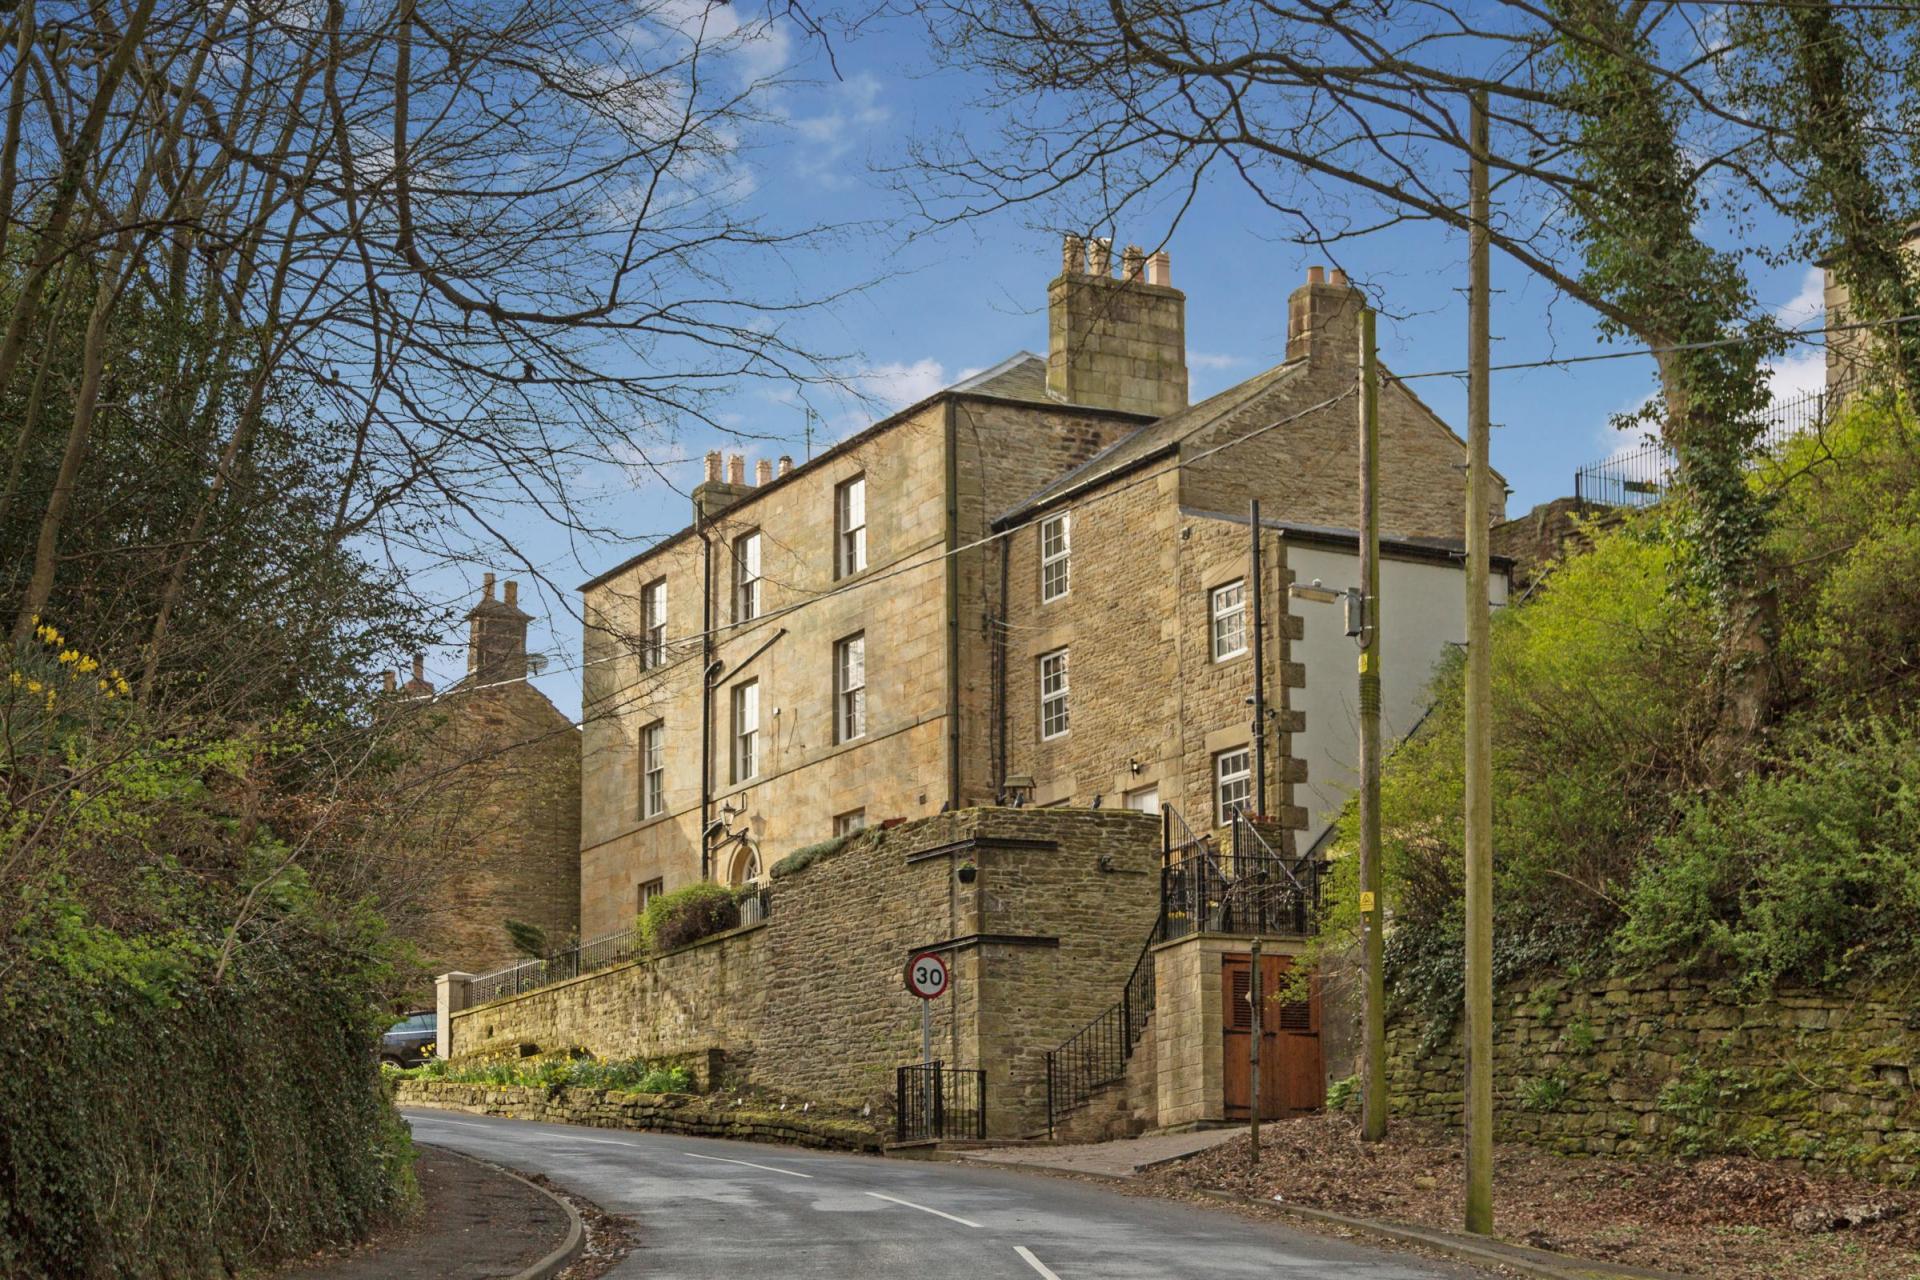 £400,000 - Allendale - 3 bedrooms